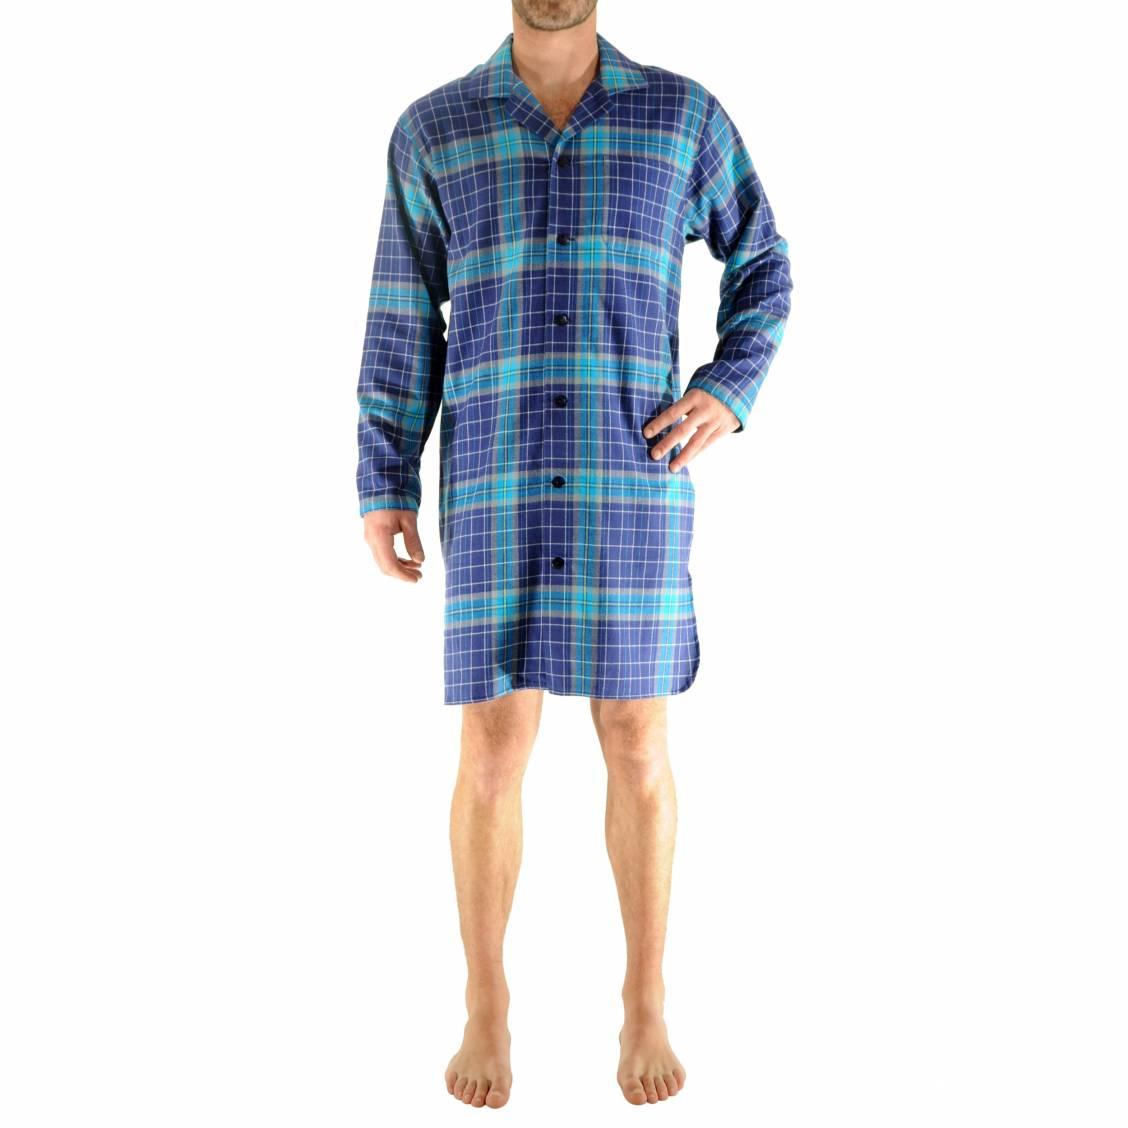 liquette chemise gauthier christian cane en coton carreaux bleu marine turquoise et gris rue. Black Bedroom Furniture Sets. Home Design Ideas